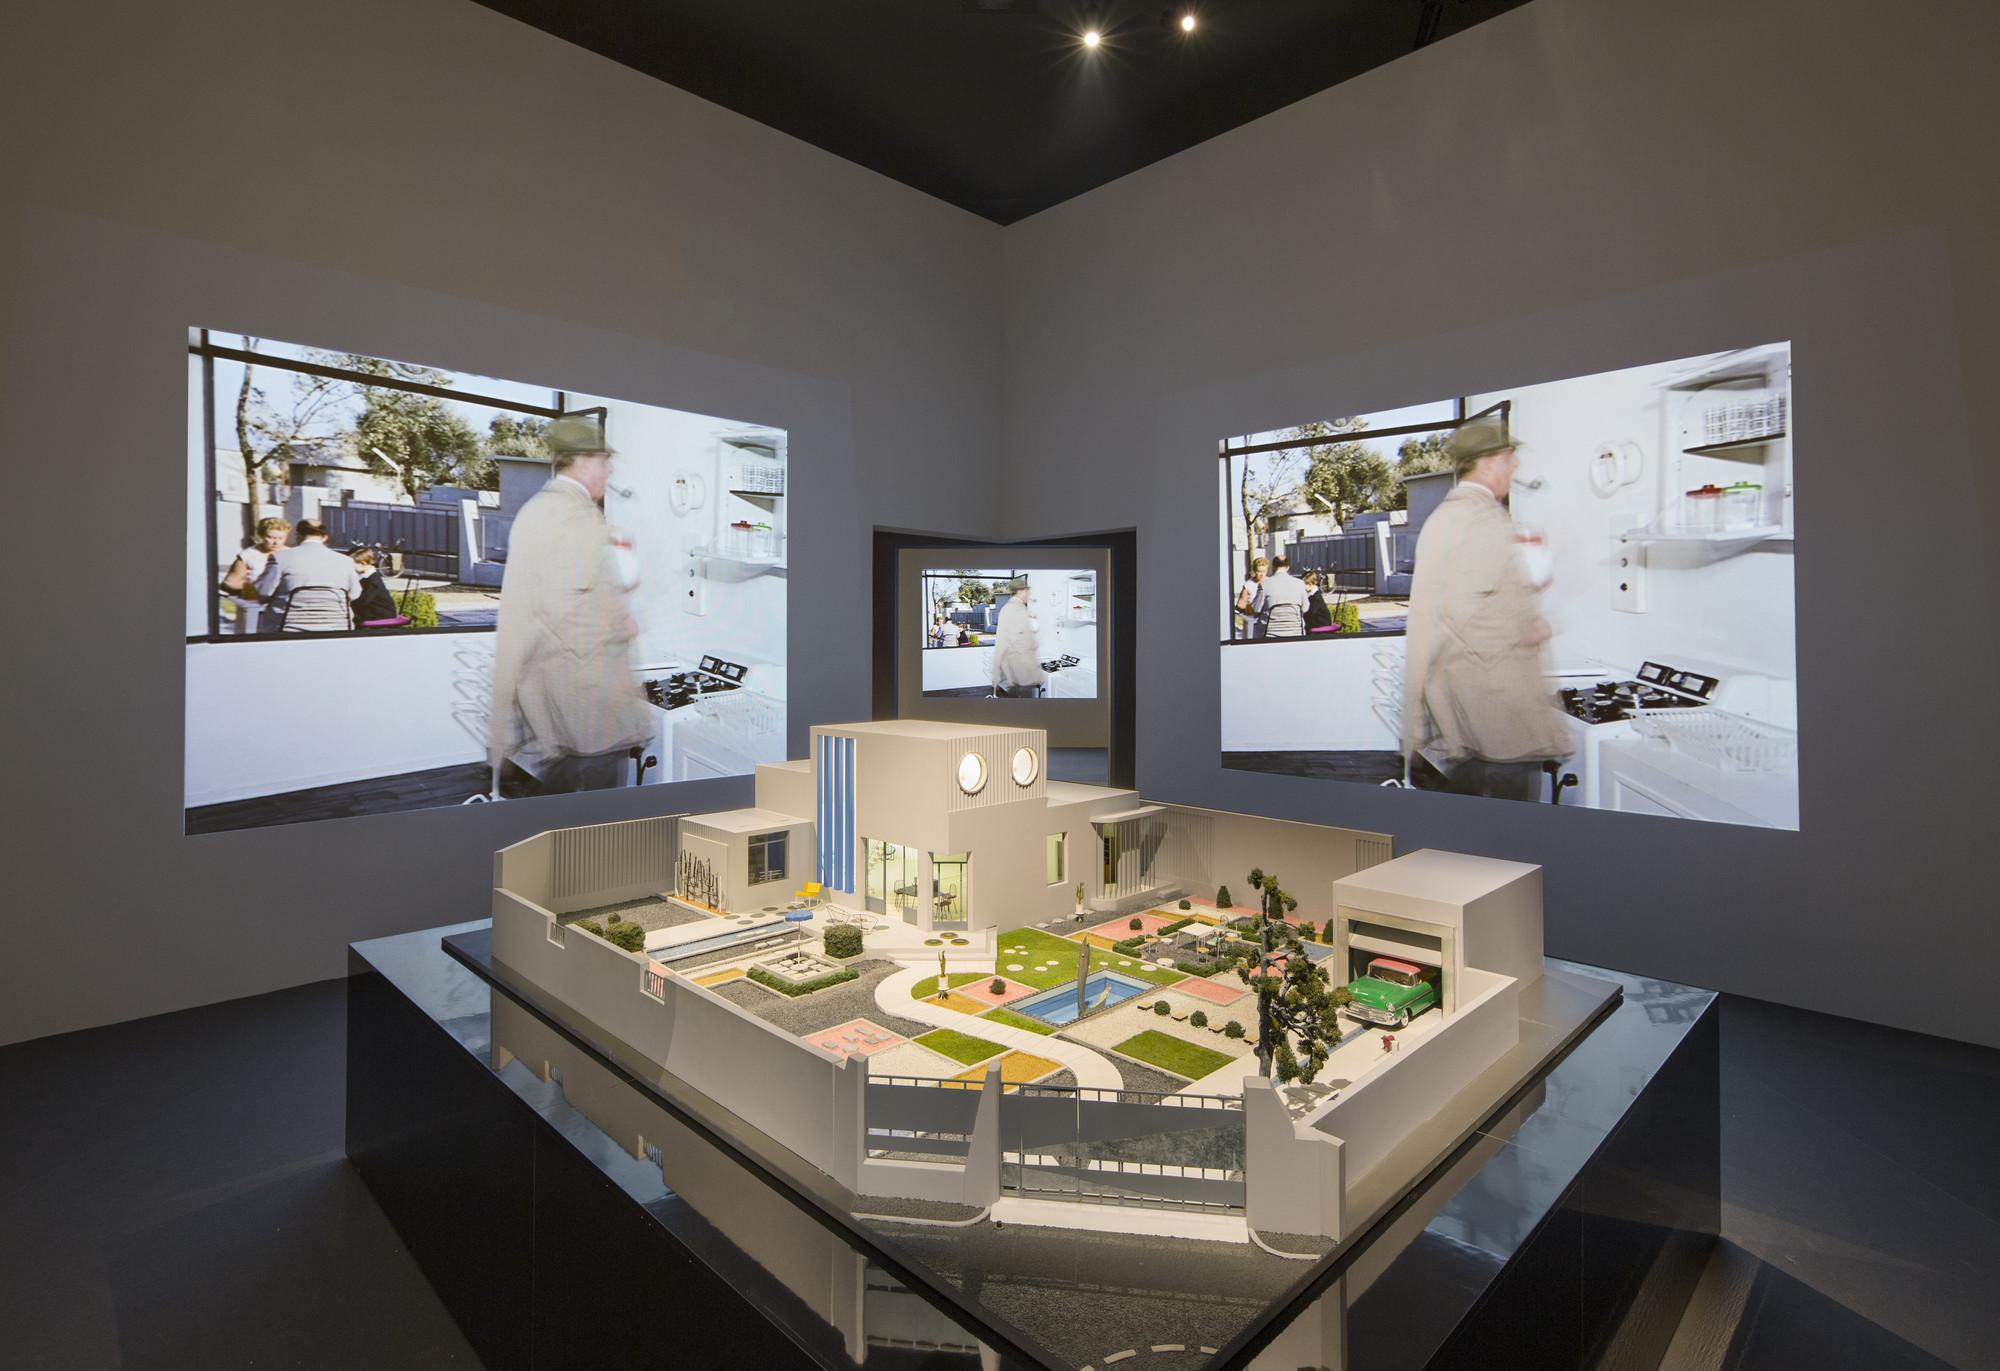 """Inside France's """"Modernity, Promise or Menace?"""" - Special Mention Winner at the Venice Biennale 2014 , © Luc Boegly / Pavillon français pour l'Institut français et le Ministère de la Culture et de la Communication"""